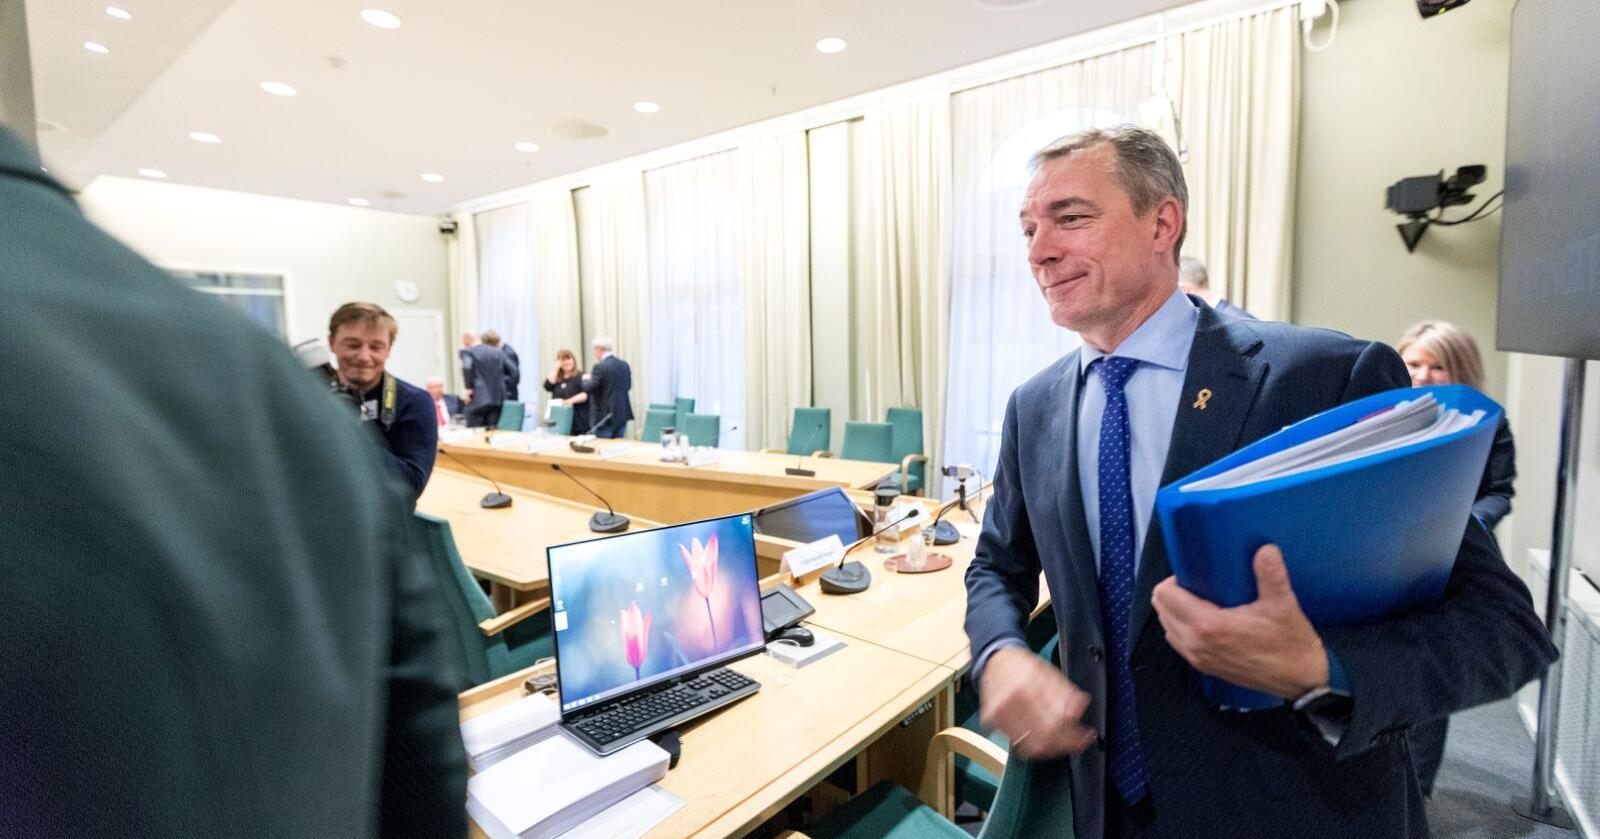 Forsvarsminister Frank Bakke-Jensen (H) under en stortingshøring om Andøya flystasjon i 2018. Nå er nedleggingen av stasjonen på nytt blitt et tema i forhandlingene om ny langtidsplan for Forsvaret. Foto: Gorm Kallestad / NTB